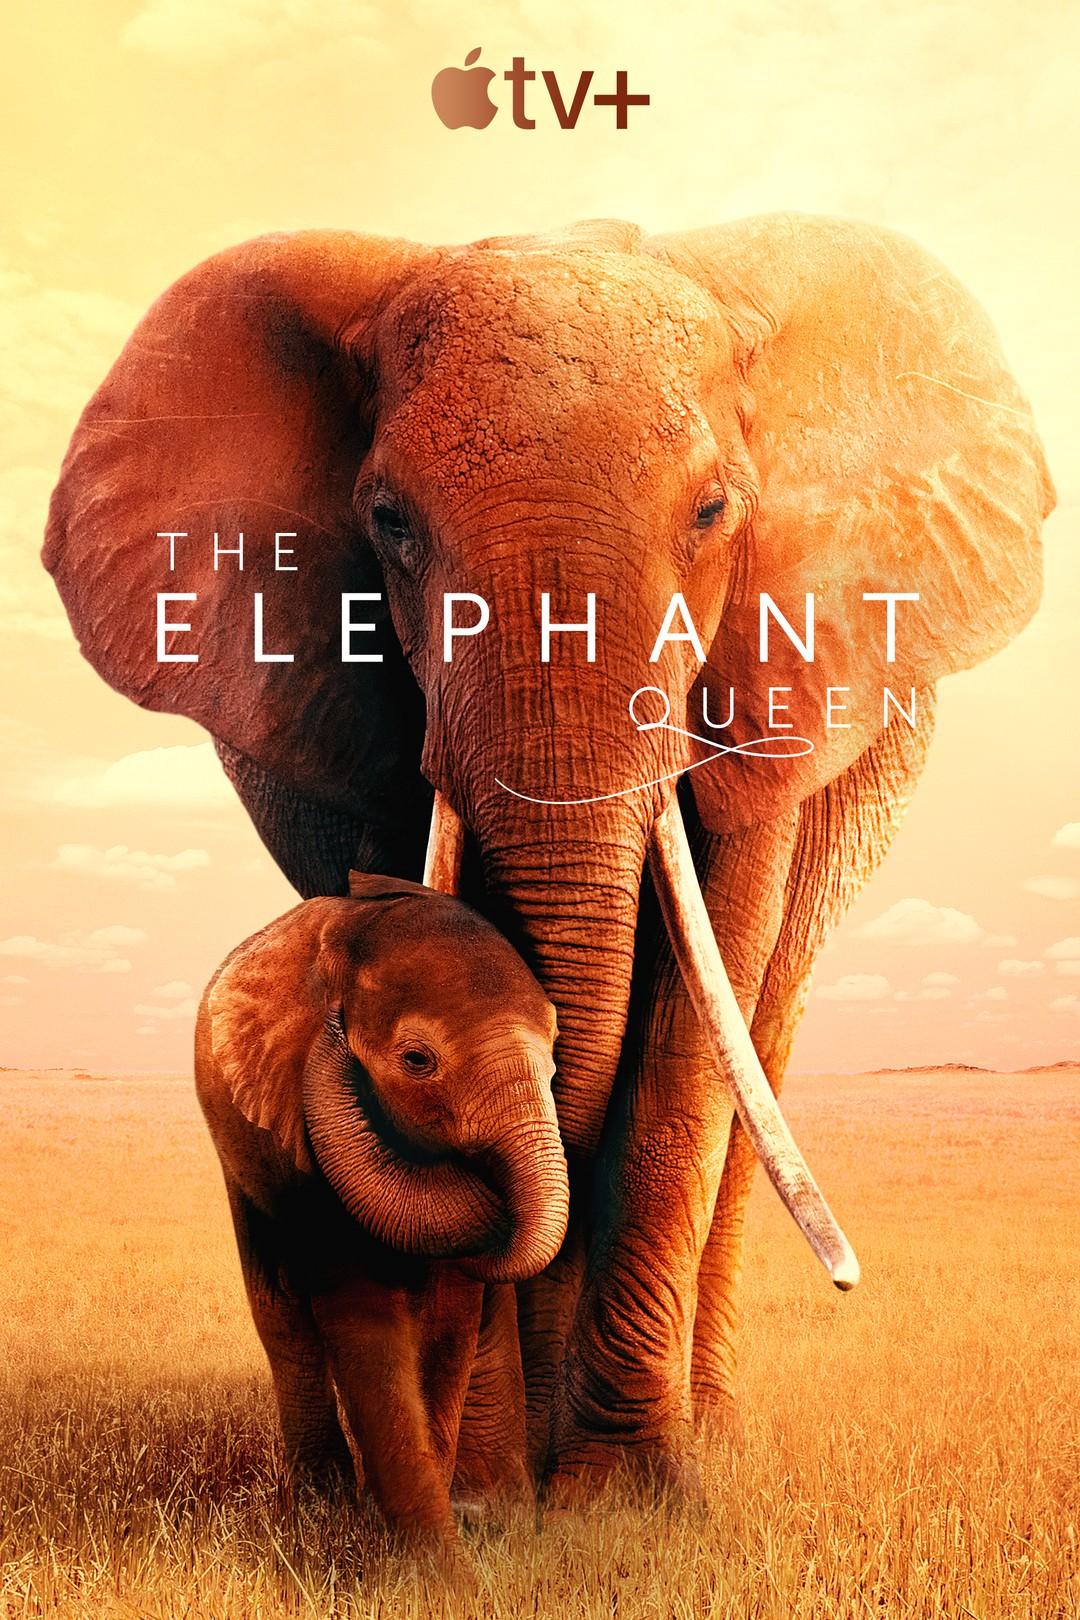 The Elephant Queen - Bild 2 von 2